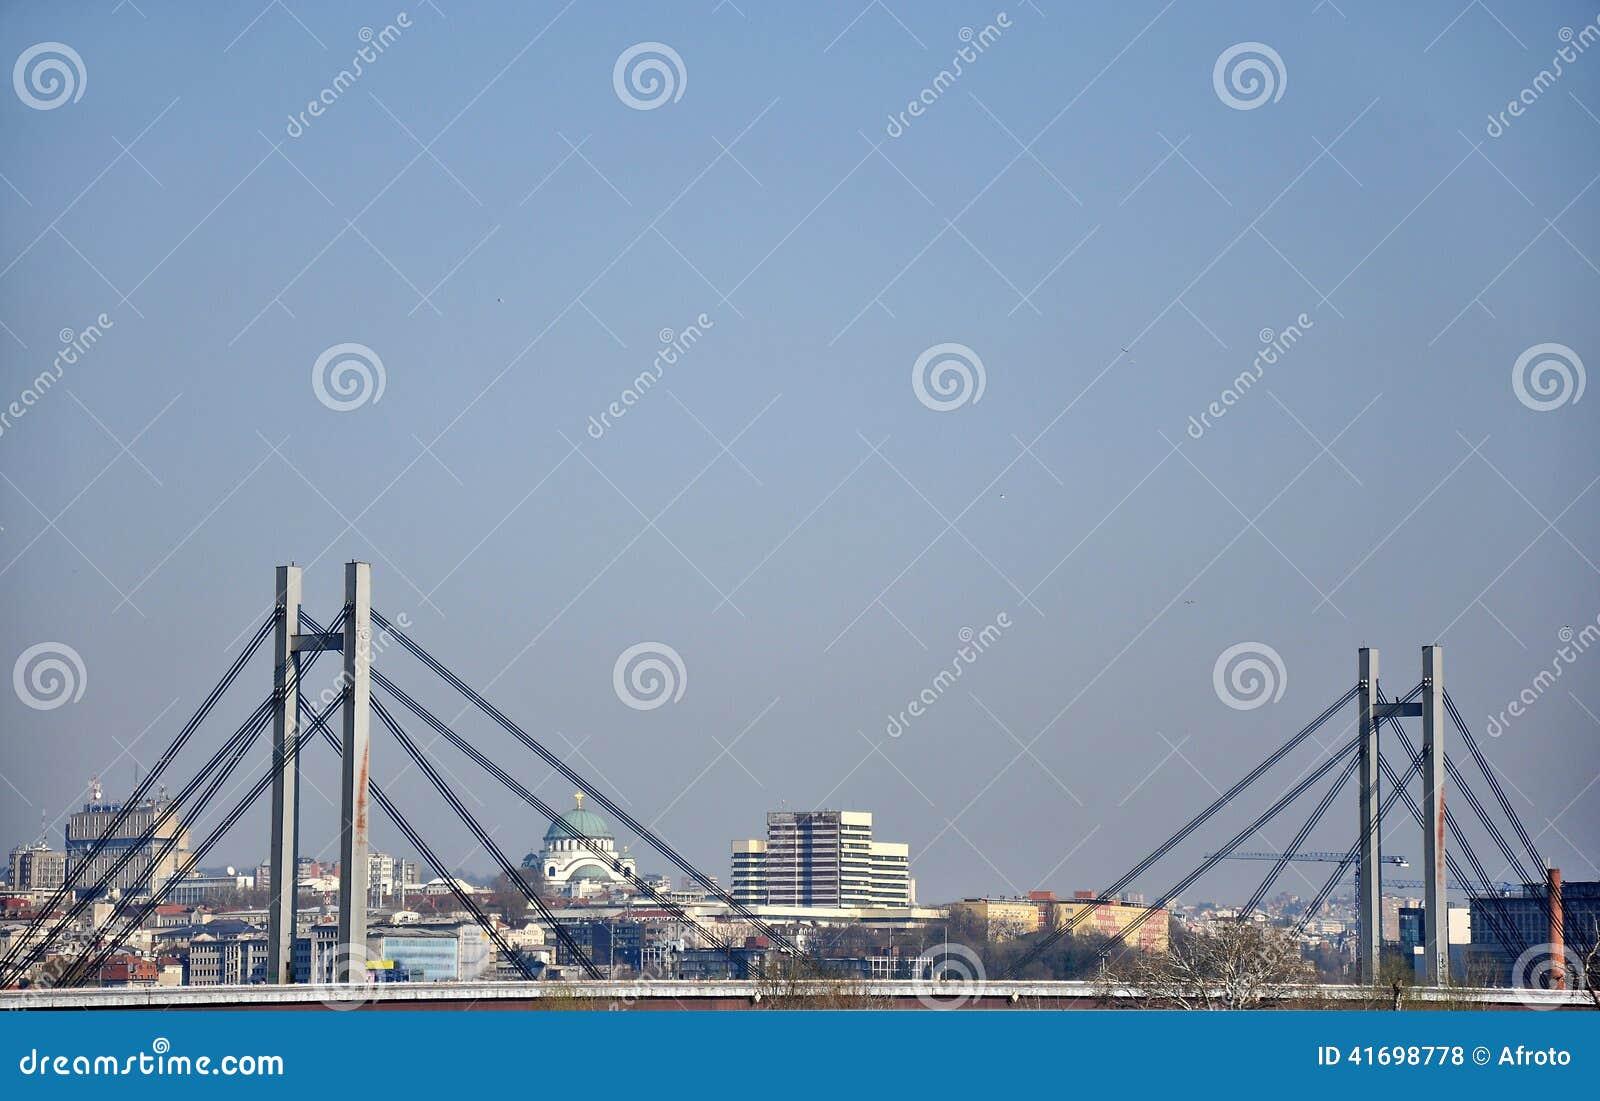 Bro i storstaden av Belgrade